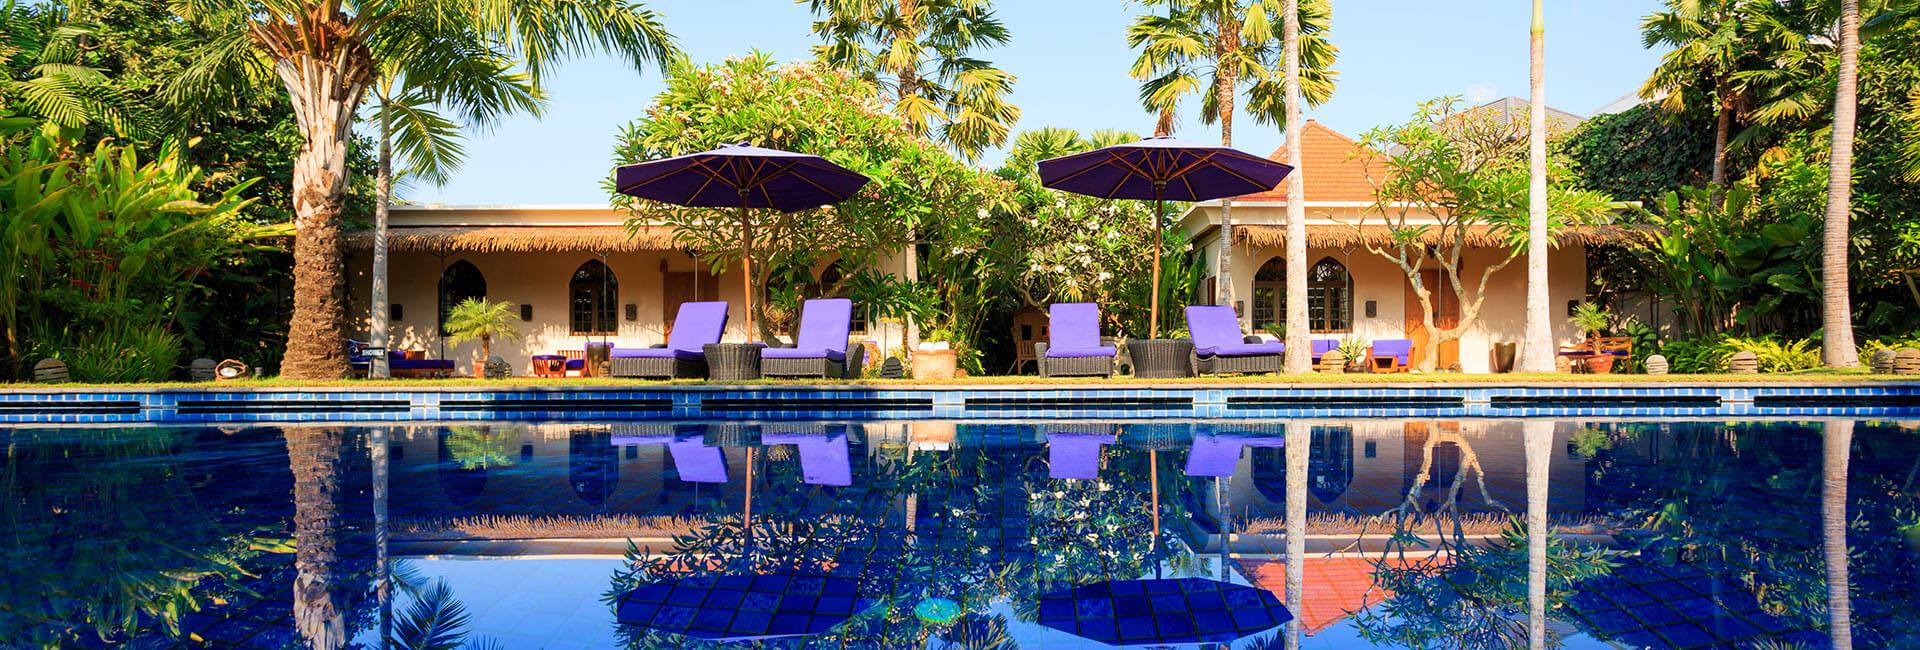 Links | Villa Sayang d'Amour - Seminyak 6 bedroom luxury